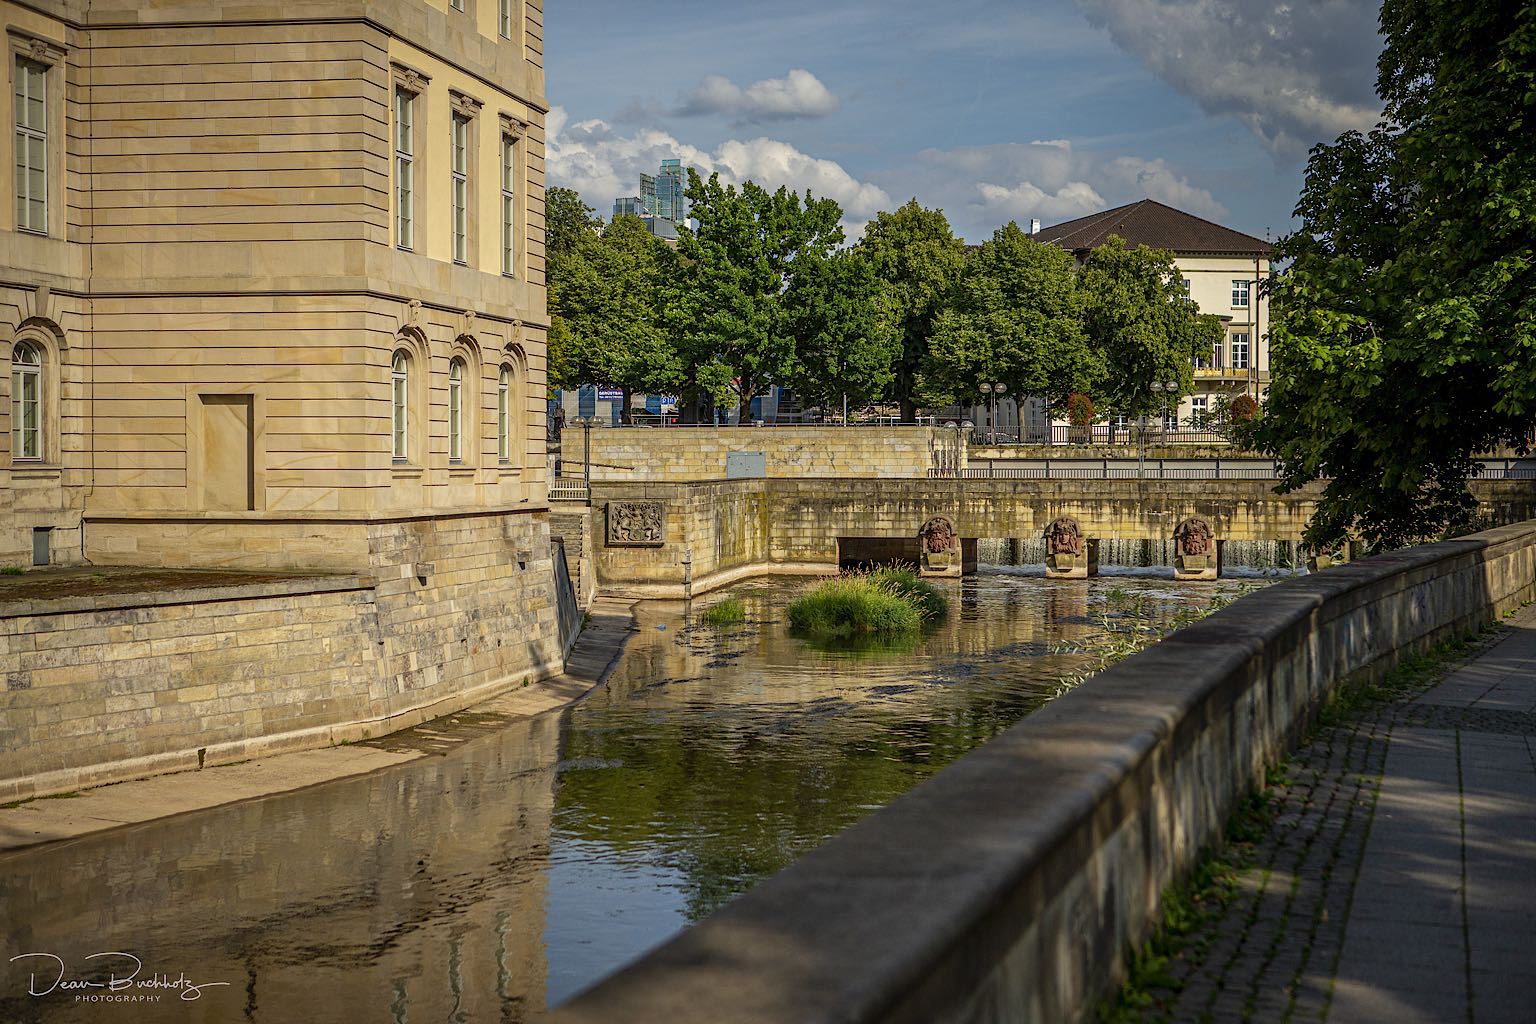 Fototreffen Hannover vom 21.07.2019